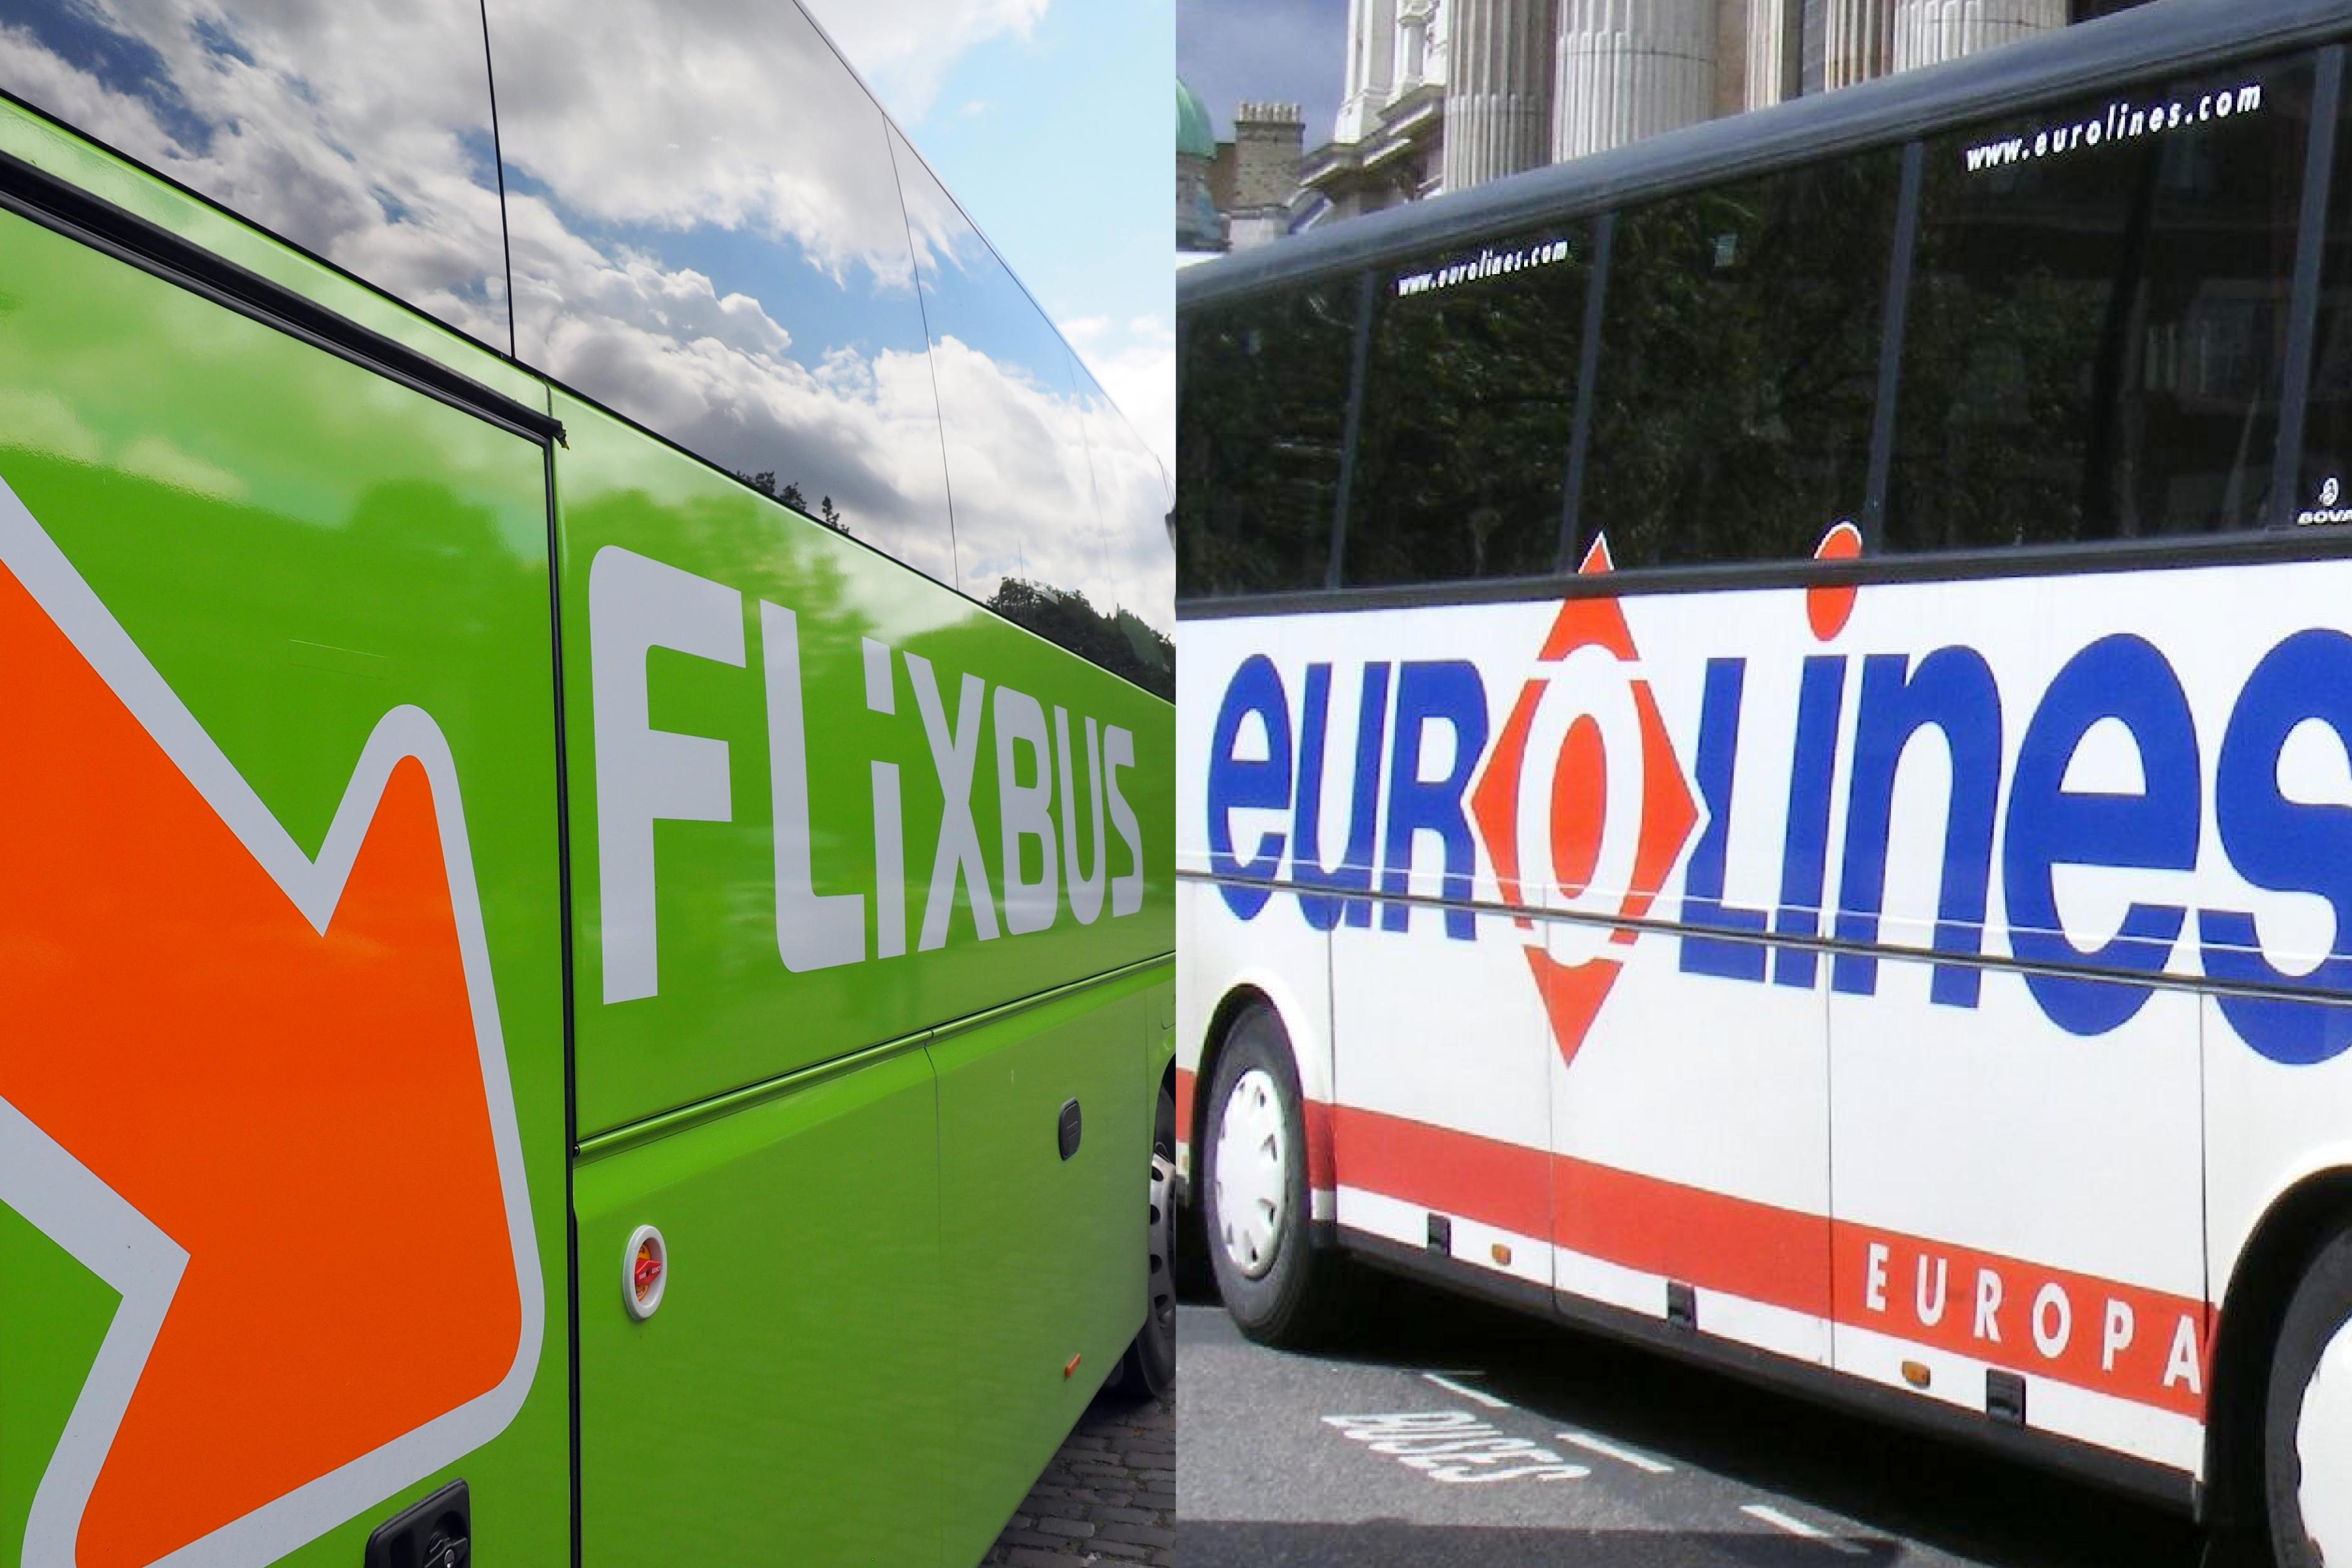 유럽여행할 때 저렴한 버스 추천, Flixbus 와 Euroline